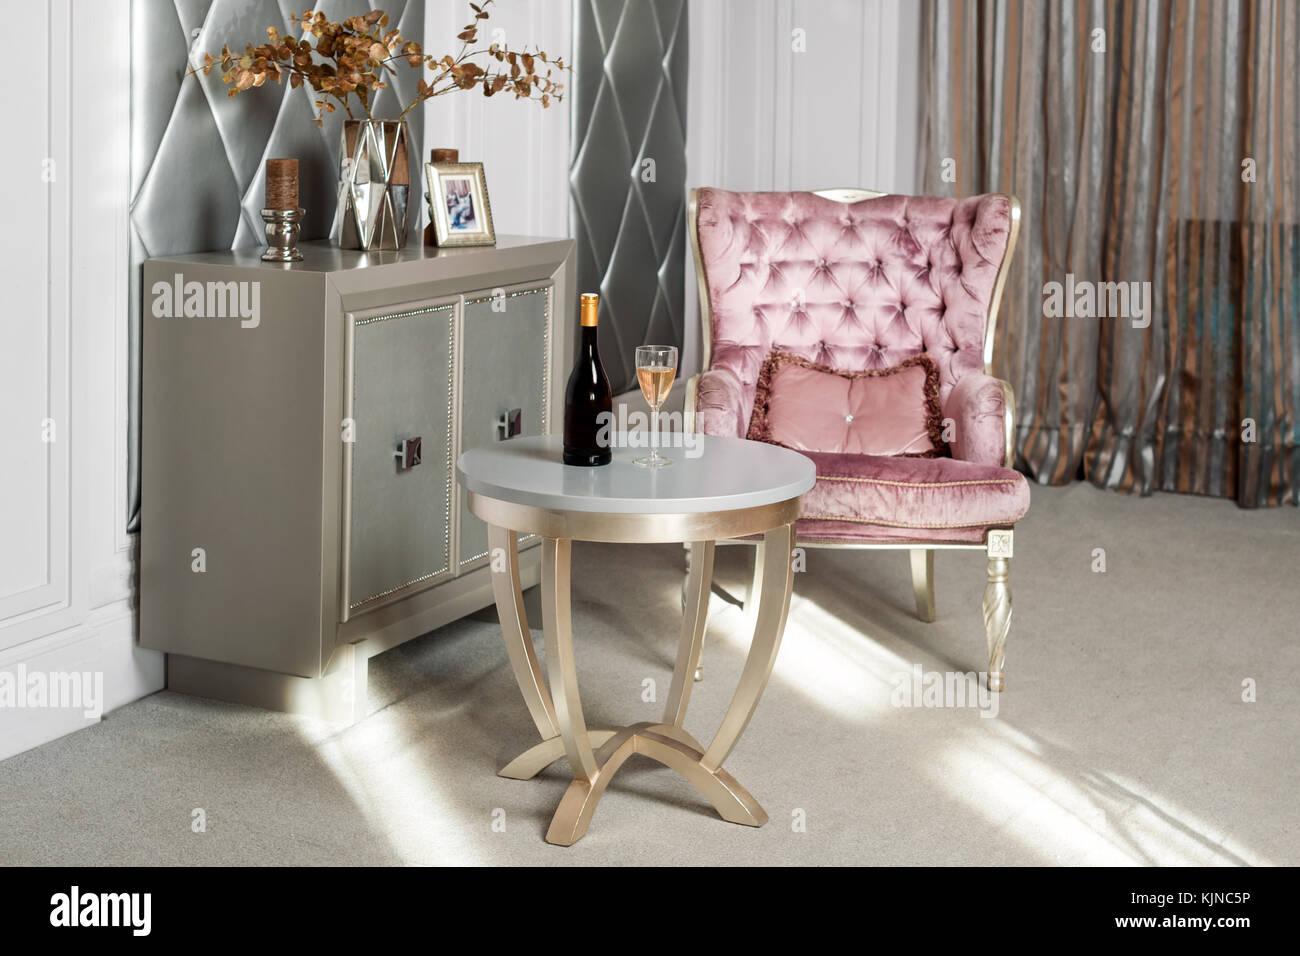 luxuriose rosa samt sessel antik geschnitzte mobel klassischen interieur serviert wein im stilvollen restaurant warten auf ein gast